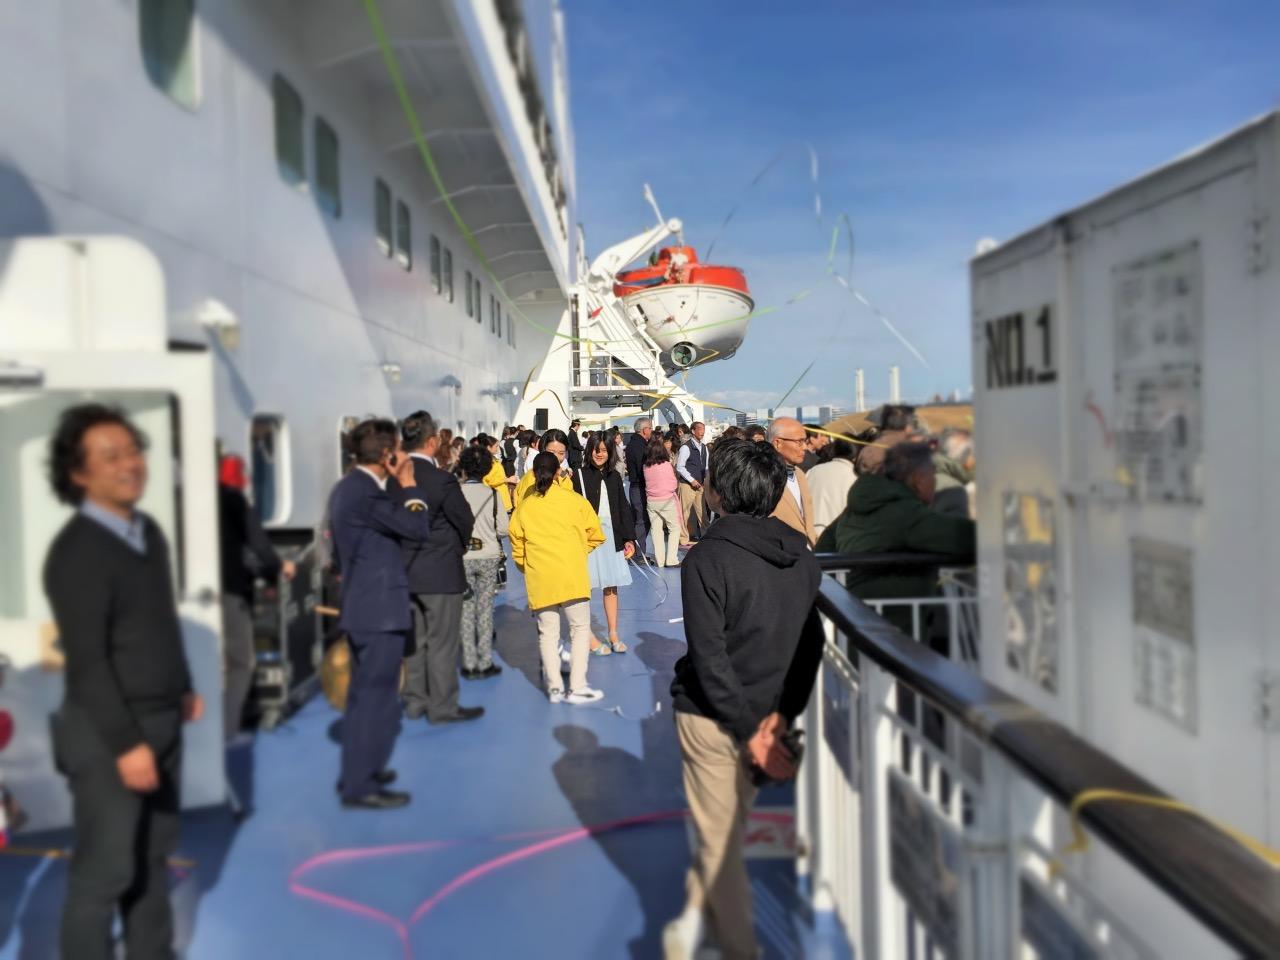 豪華客船でニューイヤークルーズしてきました Part.1:パシフィックびぃなす初日